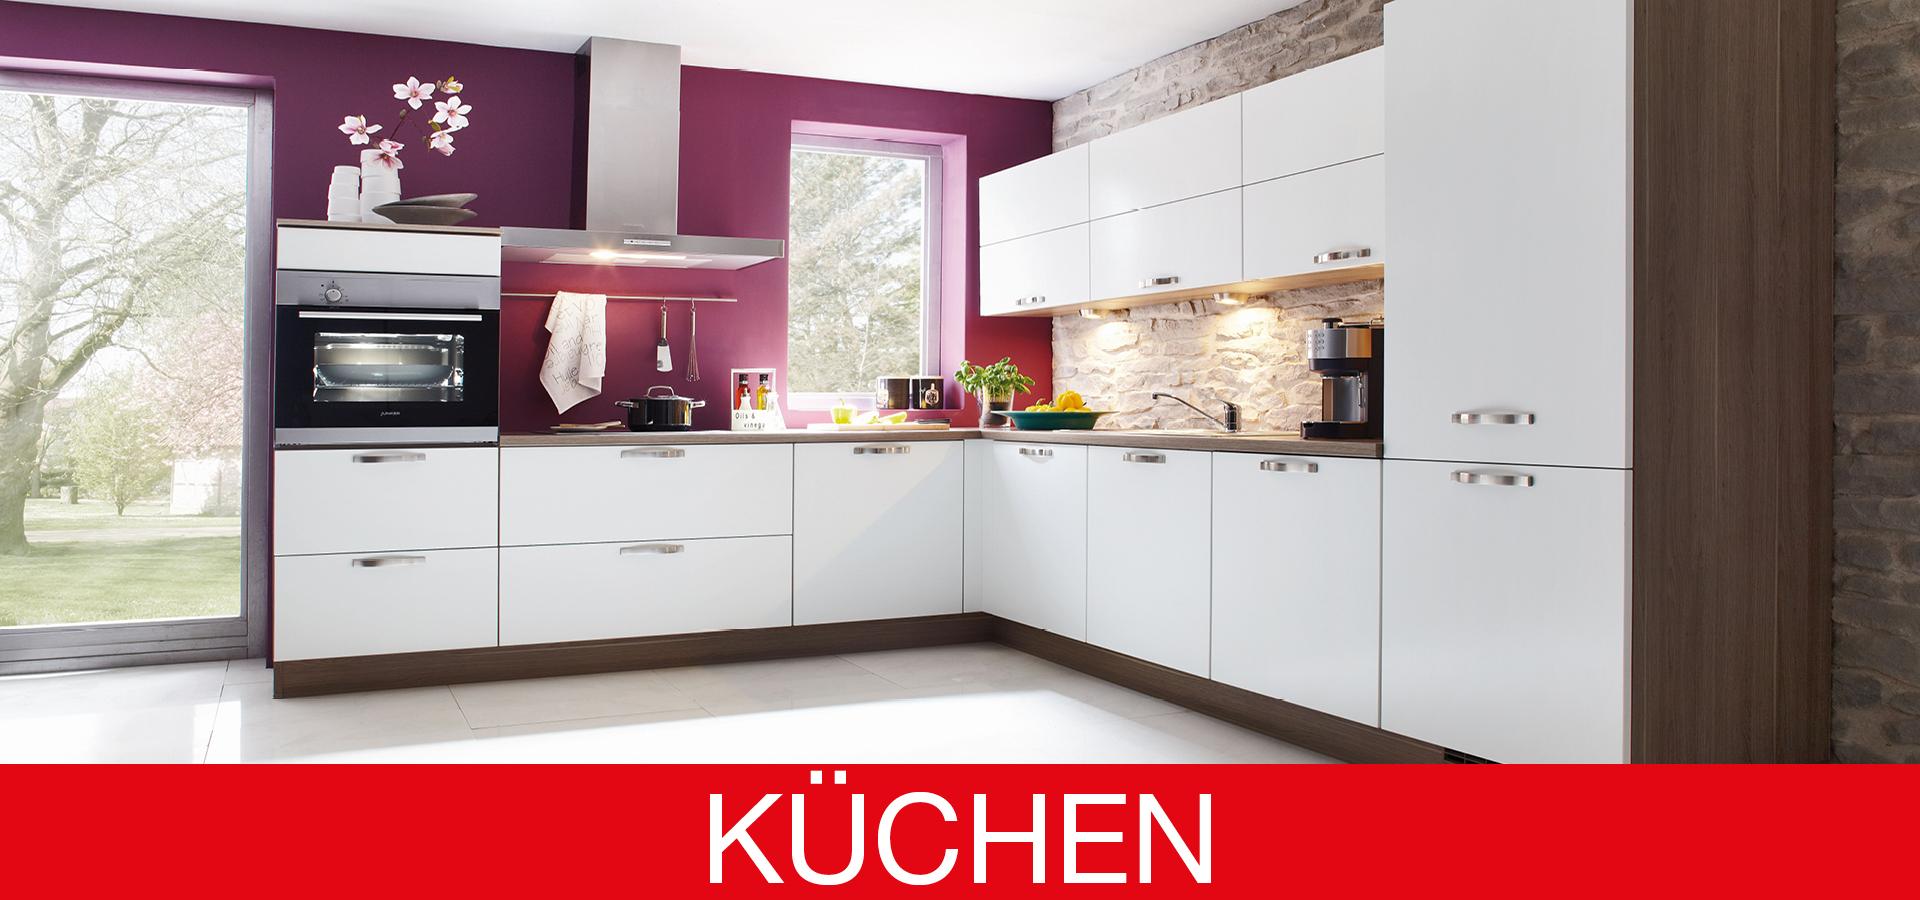 Full Size of Wo Am Besten Einbauküche Kaufen Einbauküche Kaufen Mit Montage Einbauküche Kaufen Deutschland Günstig Einbauküche Kaufen Küche Einbauküche Kaufen